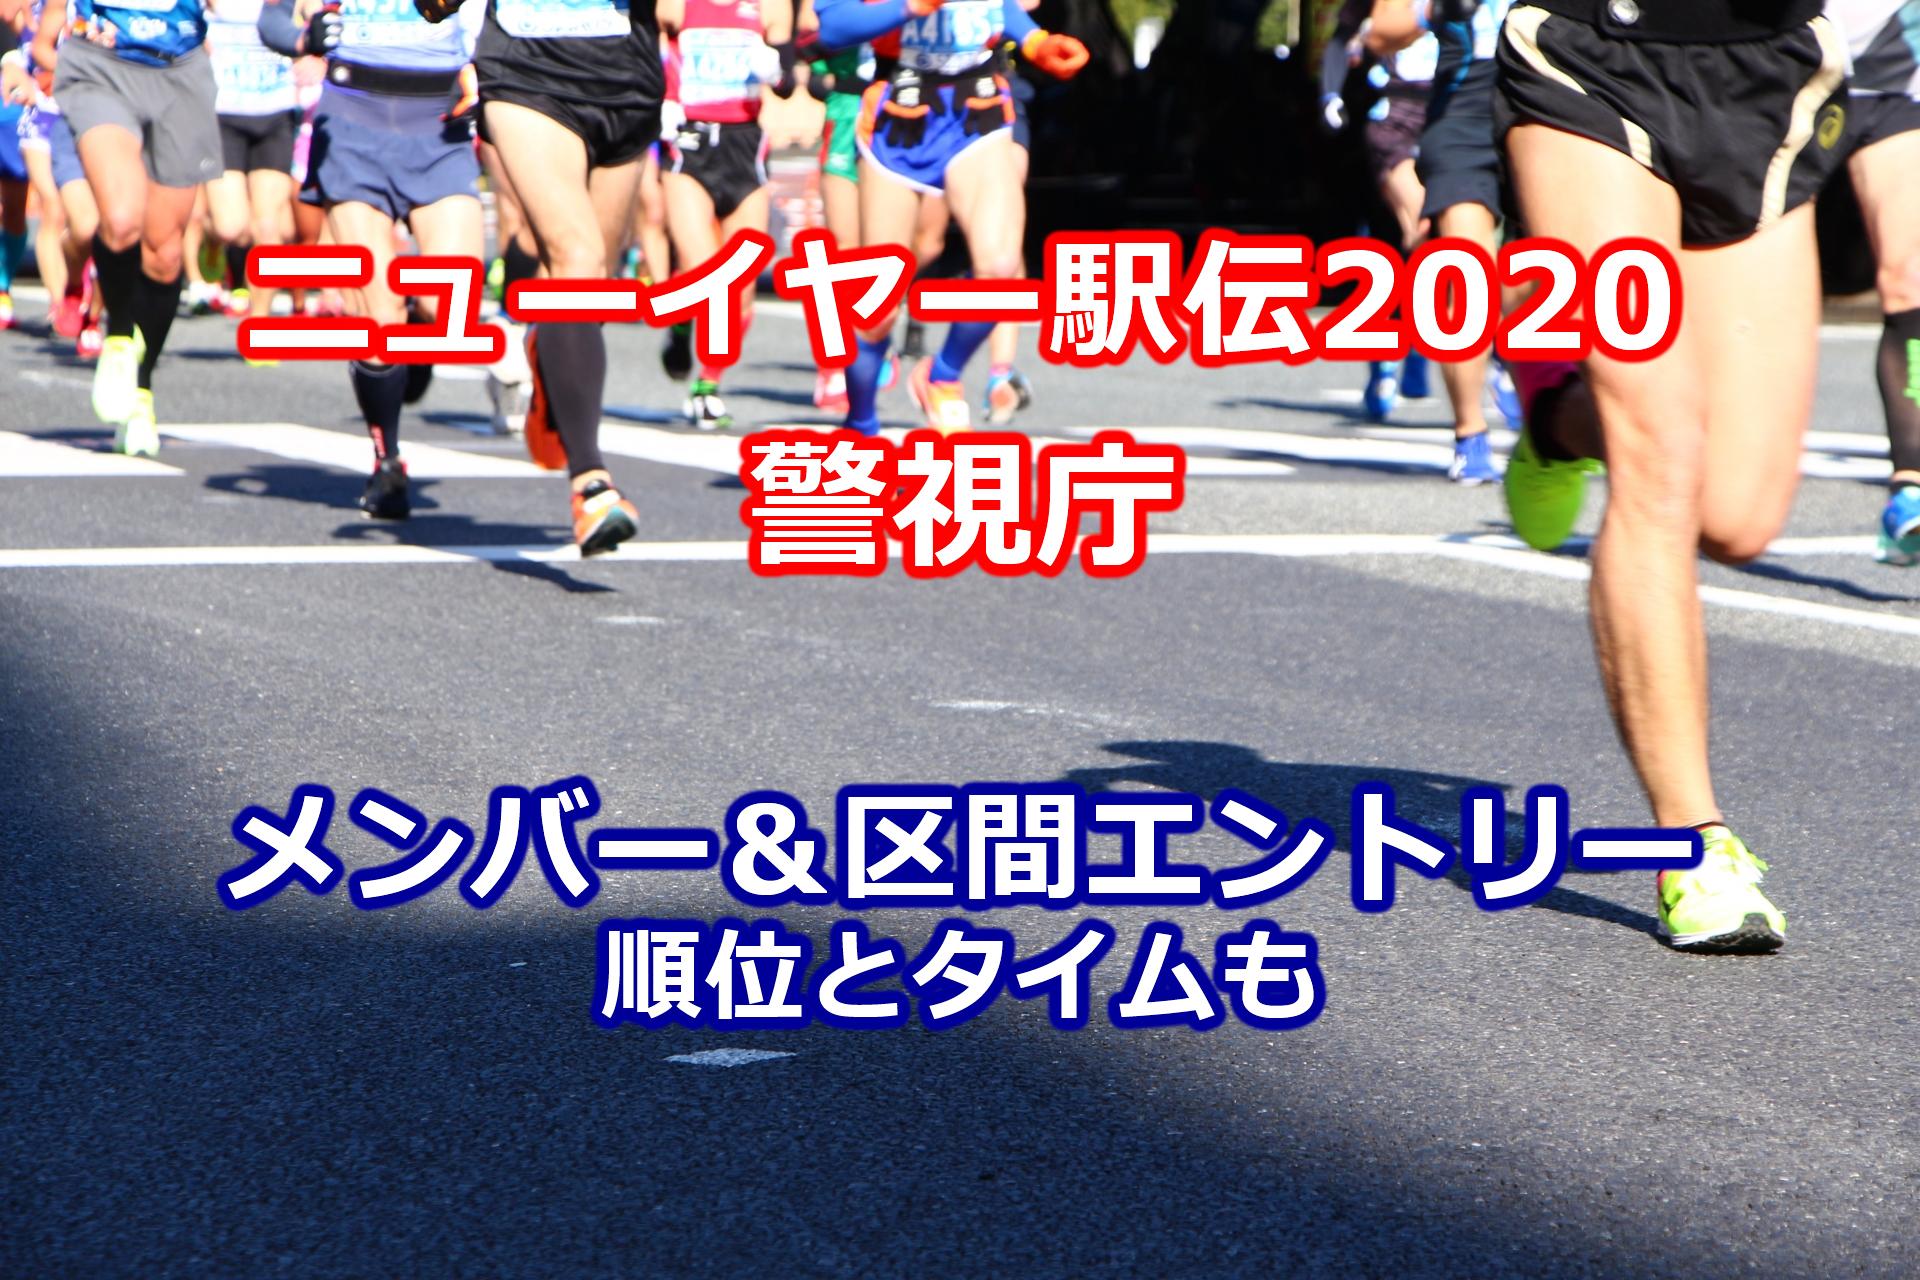 ニューイヤー駅伝警視庁メンバー・区間エントリー・結果・順位・タイムまとめ